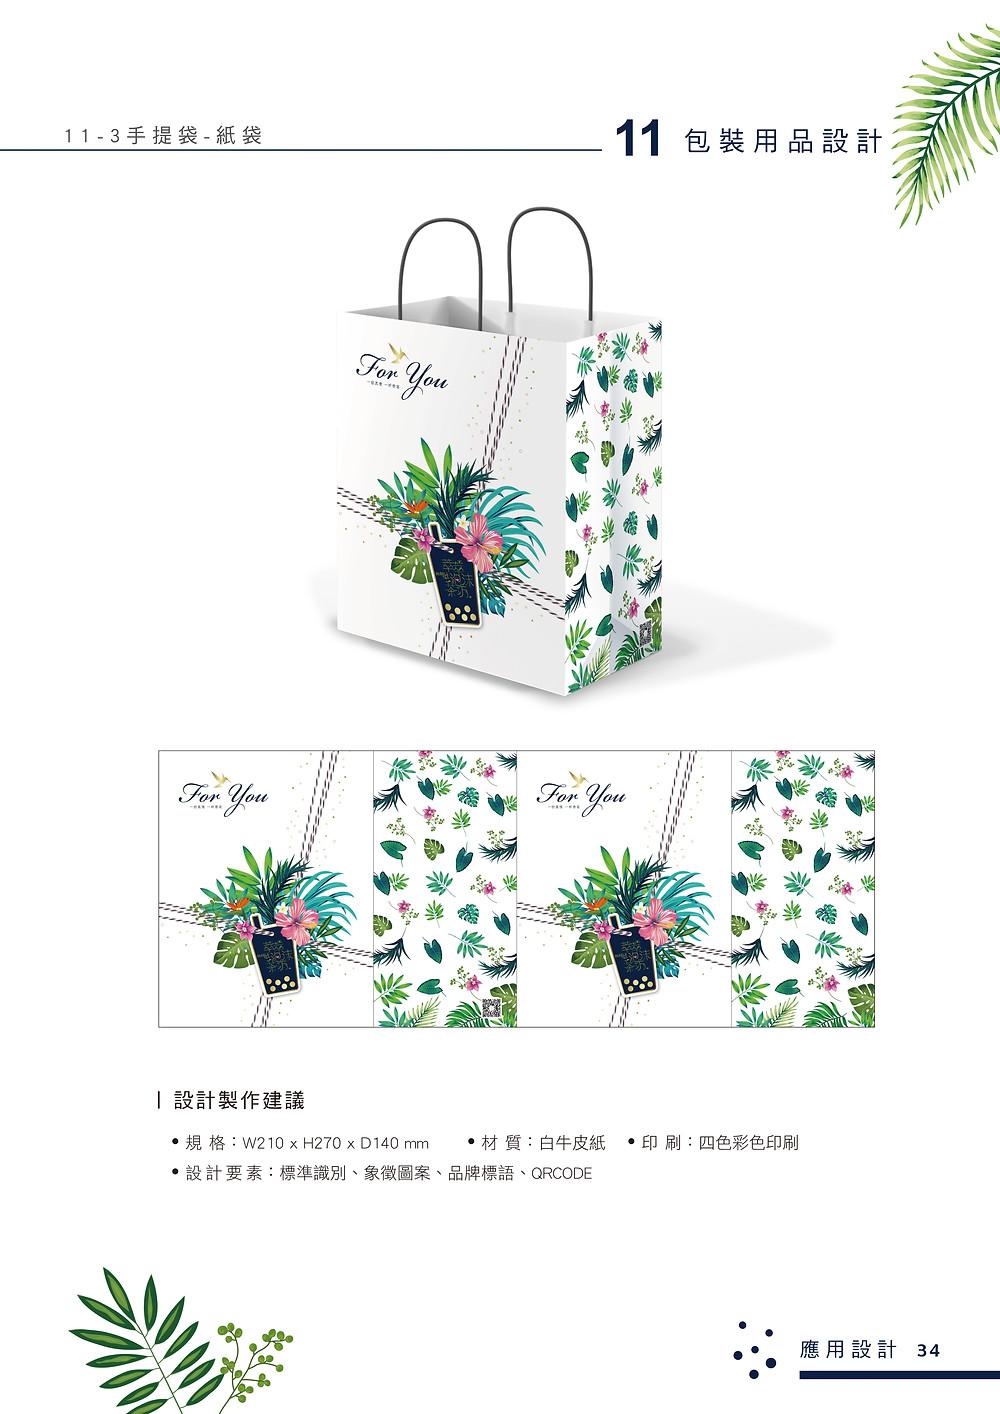 萃萃泡沫茶坊 品牌識別系統手冊 紙袋設計